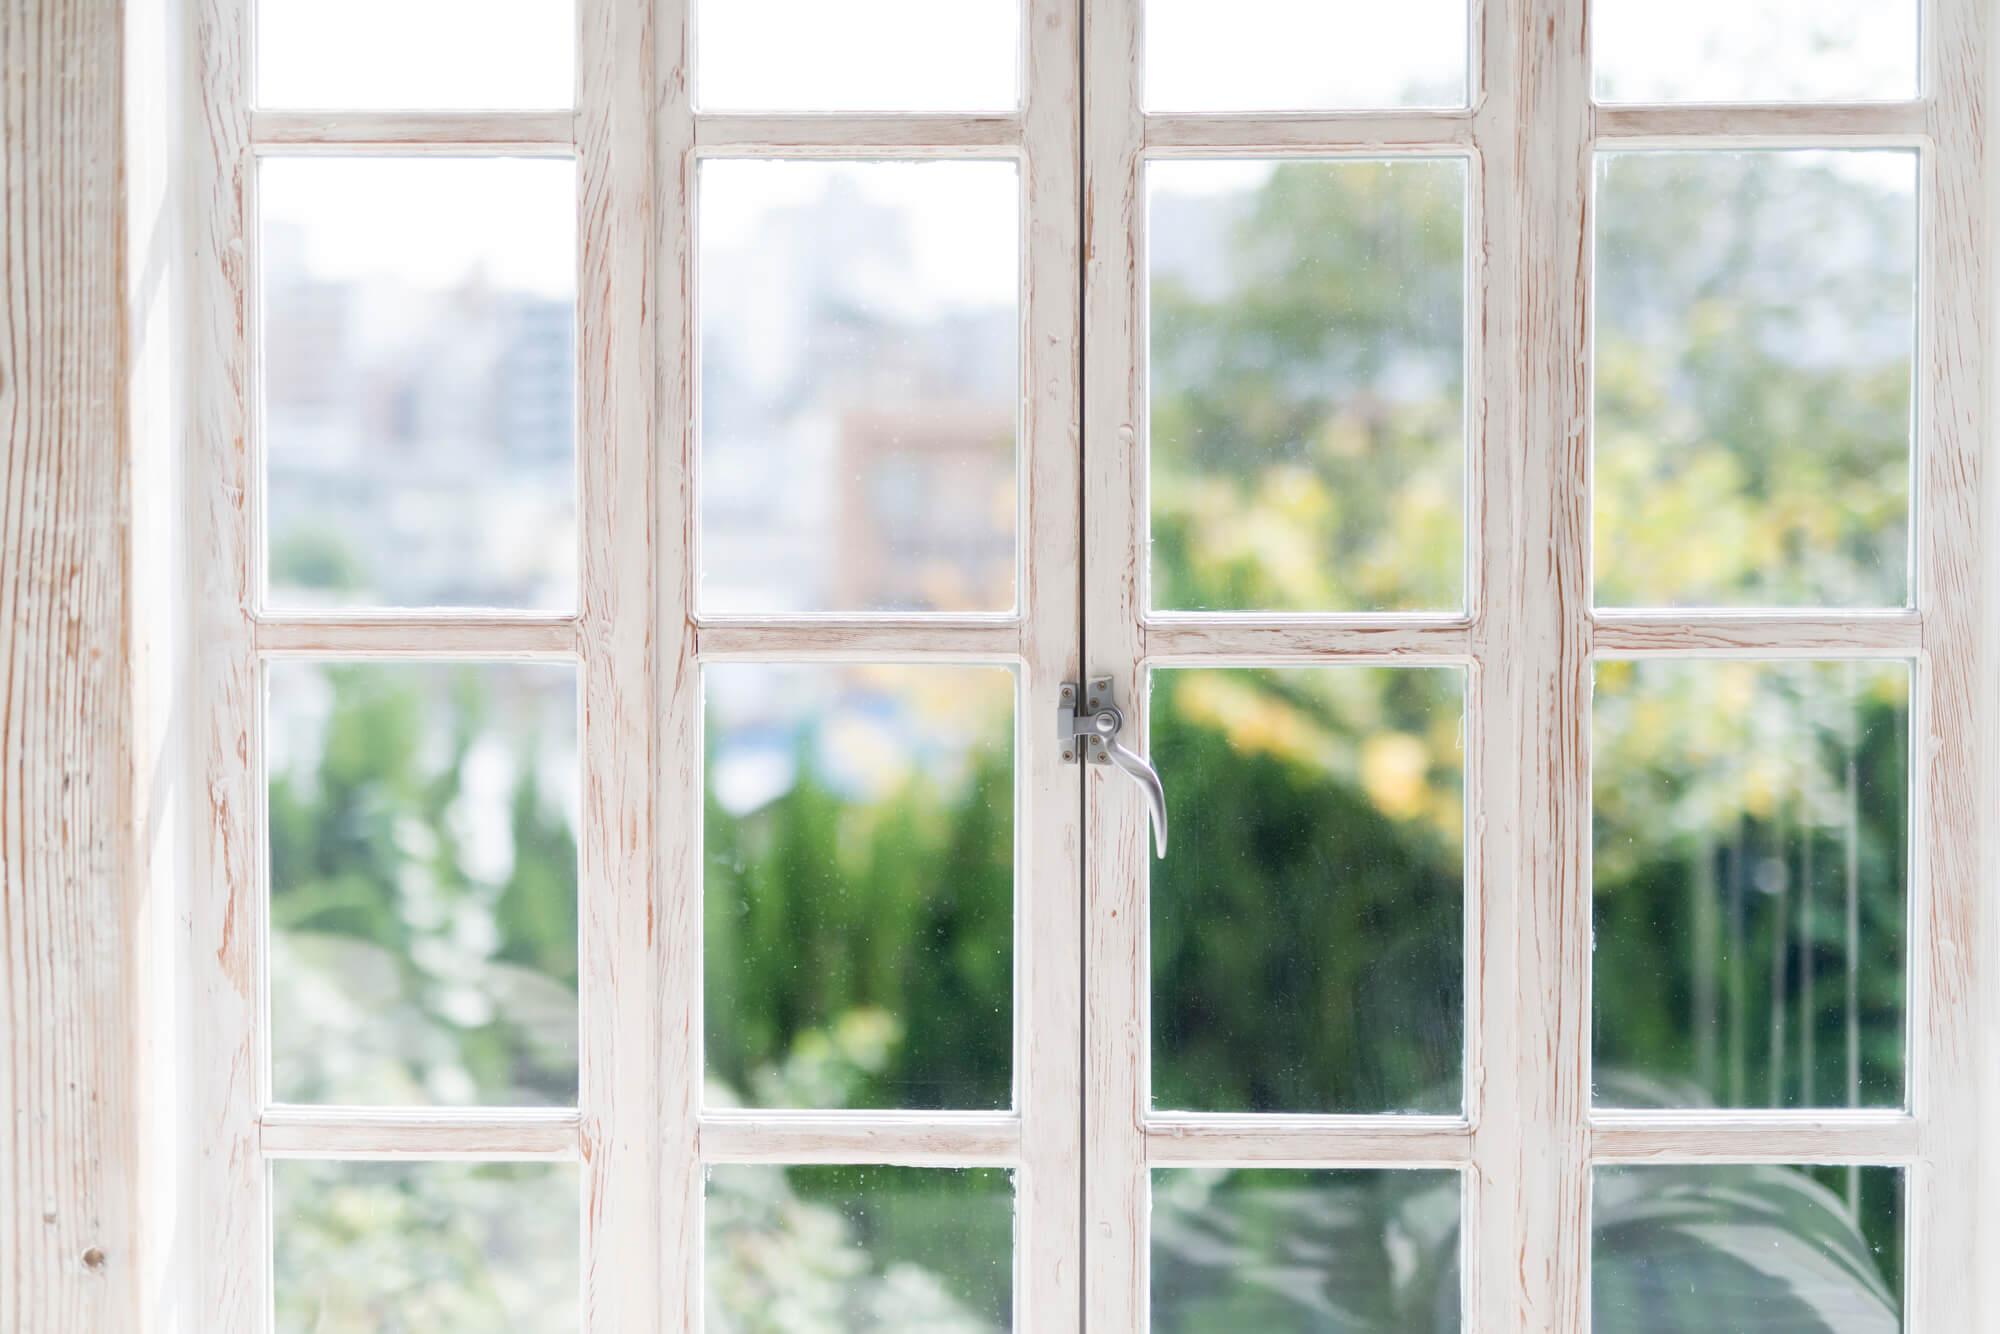 一瞬でピカピカに!手を濡らさずに窓ガラスを磨く方法